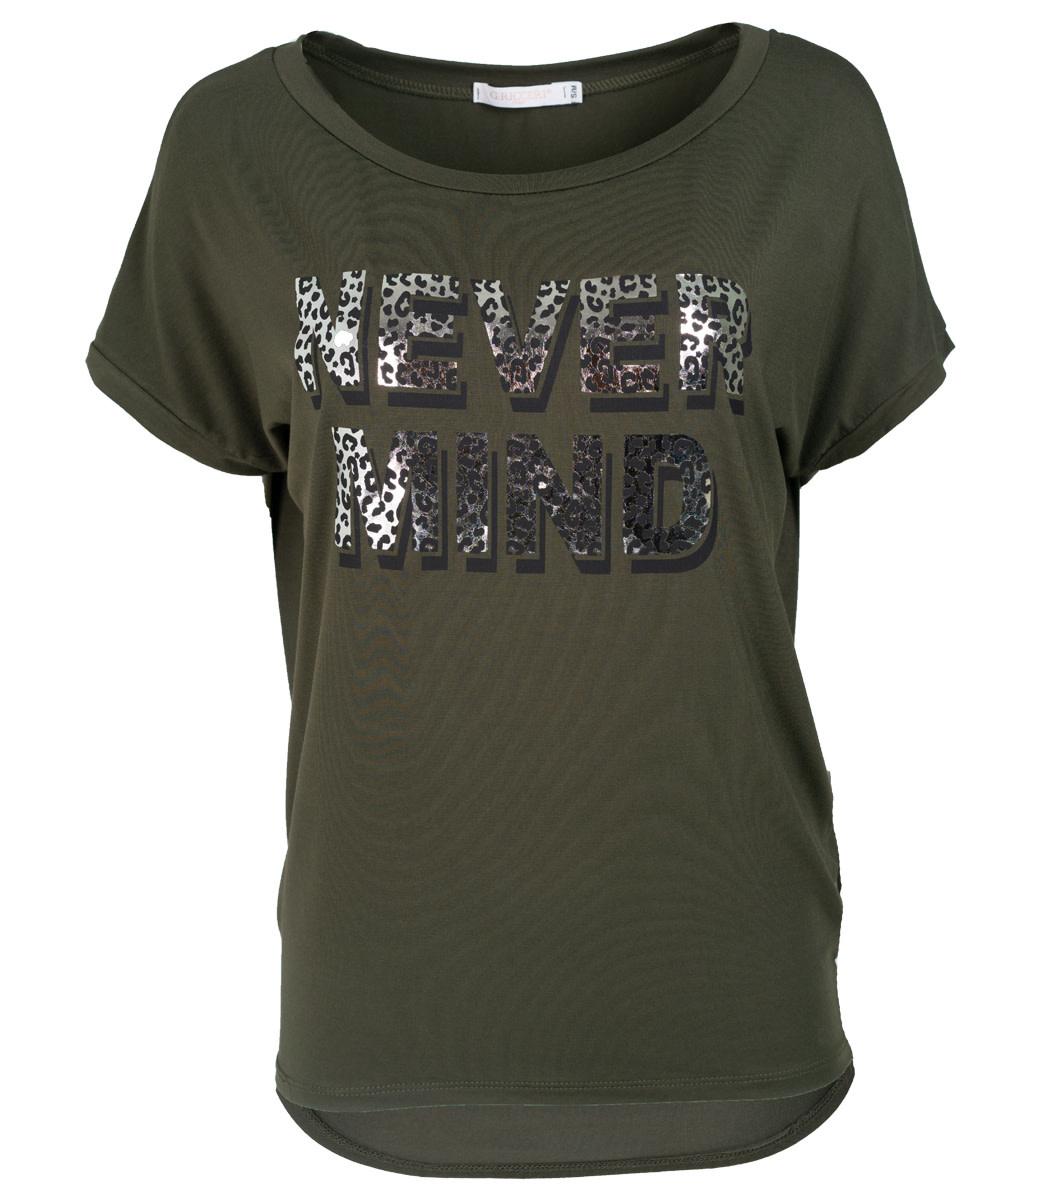 Gemma Ricceri Shirt groen never mind